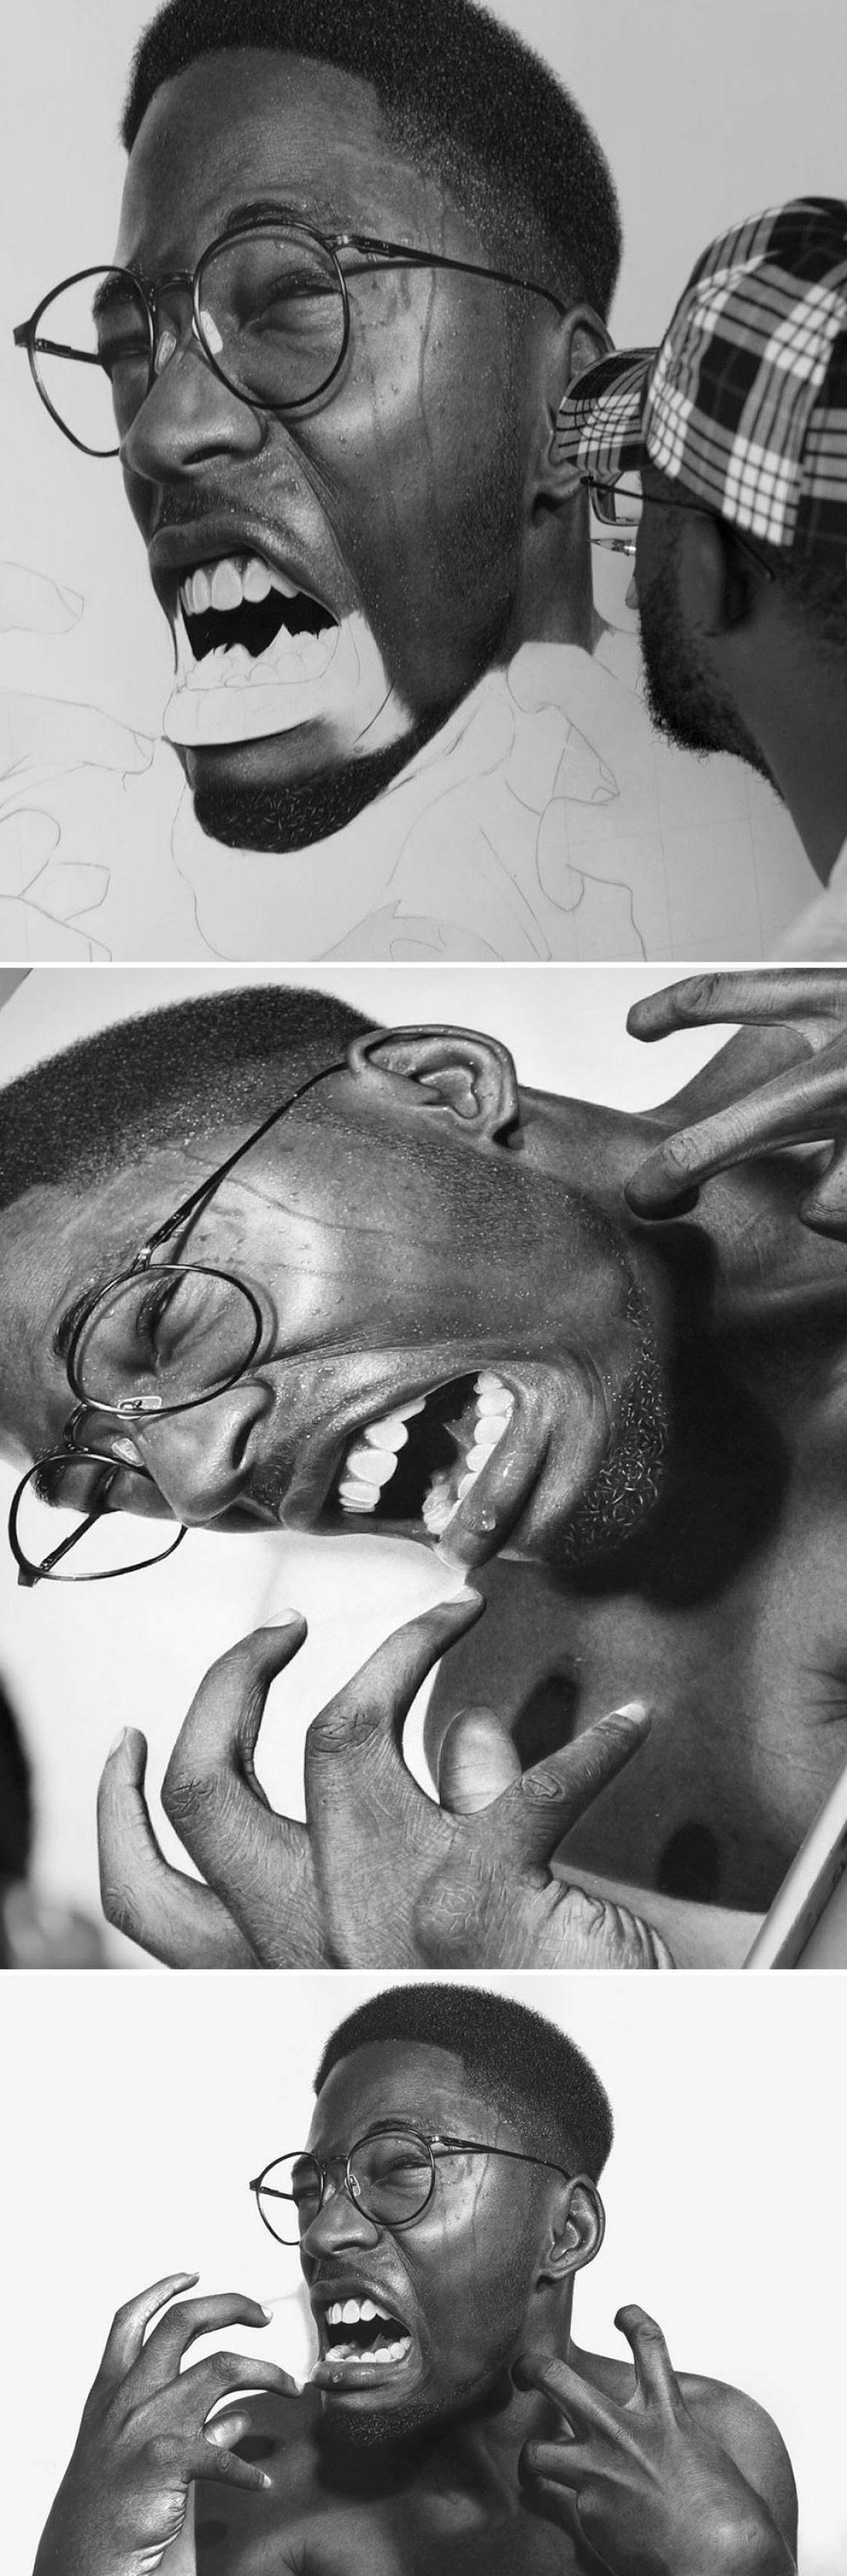 Retratos hiperrealistas de grande porte renderizados com grafite e carvão 05